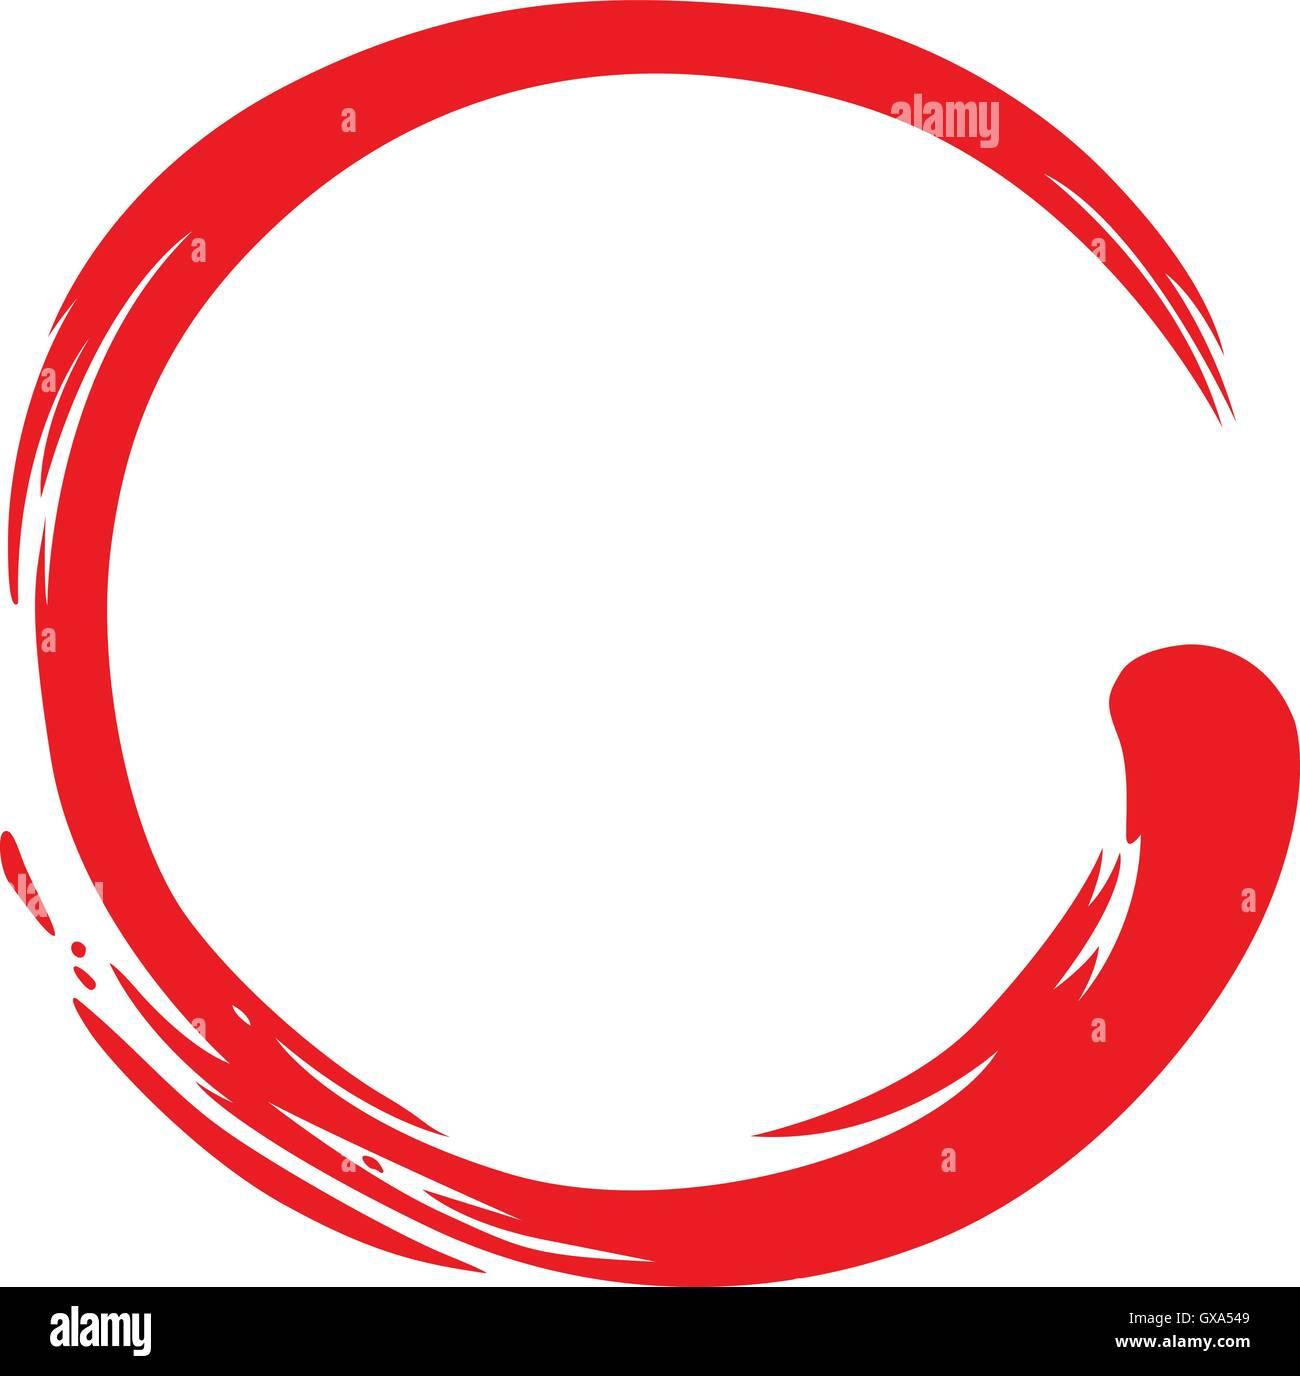 Zen symbole simple cercle rouge Photo Stock